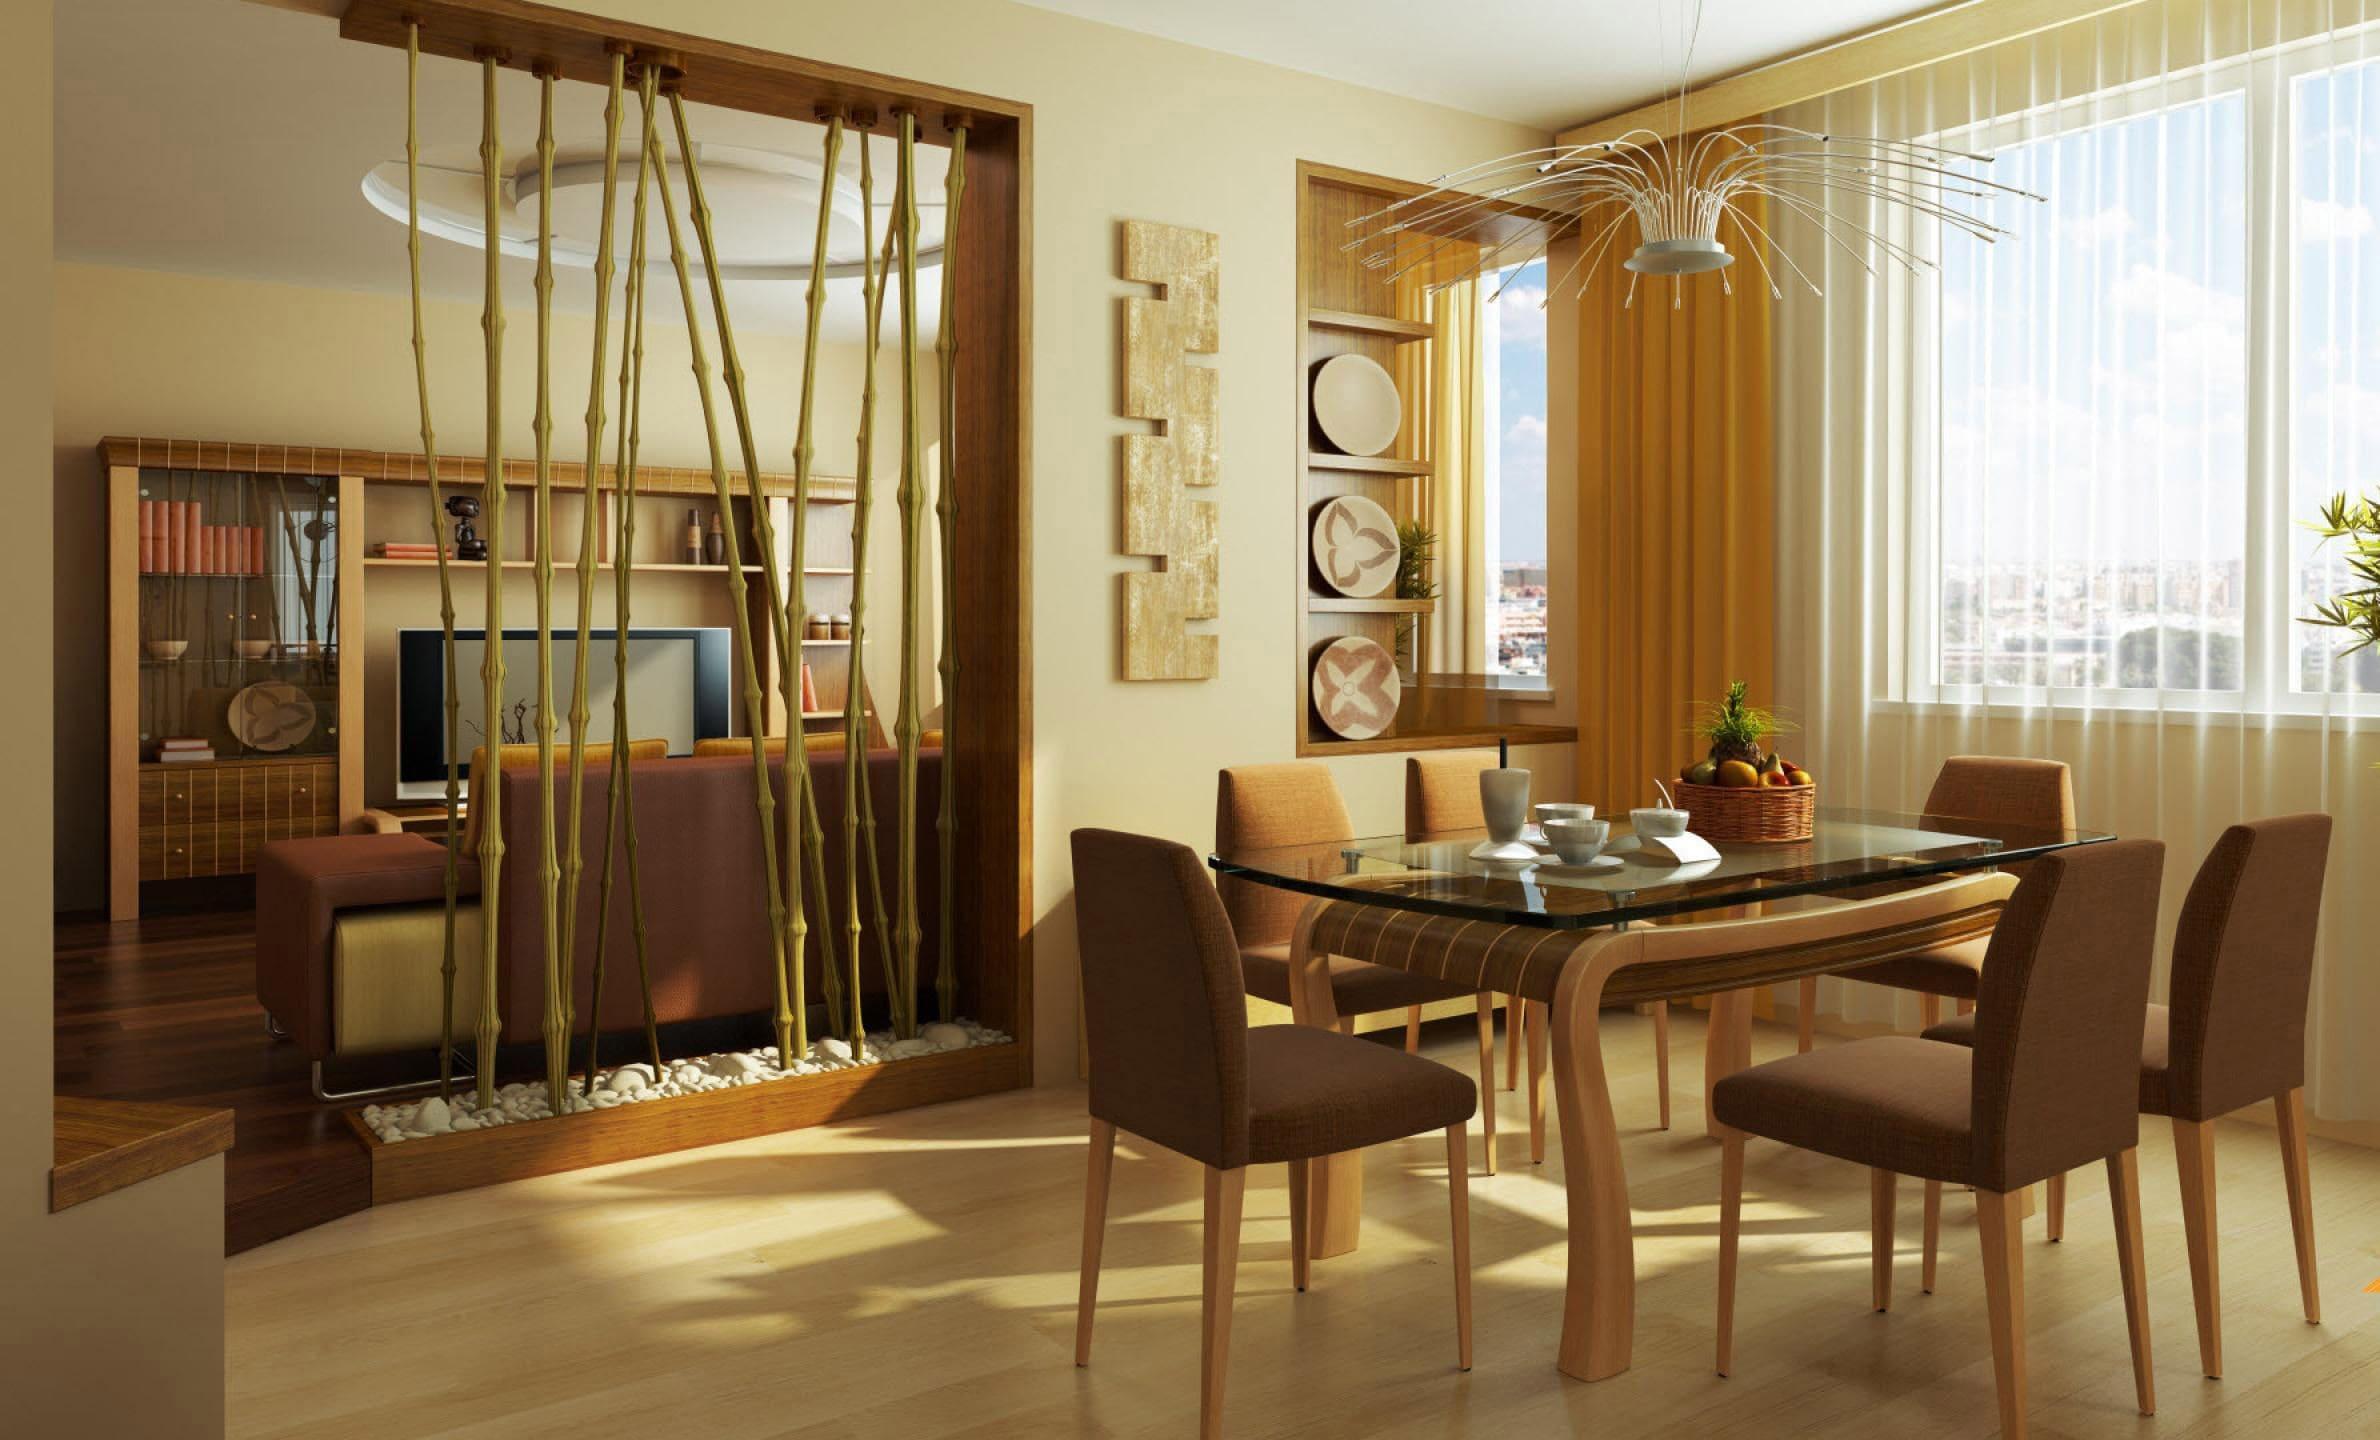 Бамбук для разделения зон